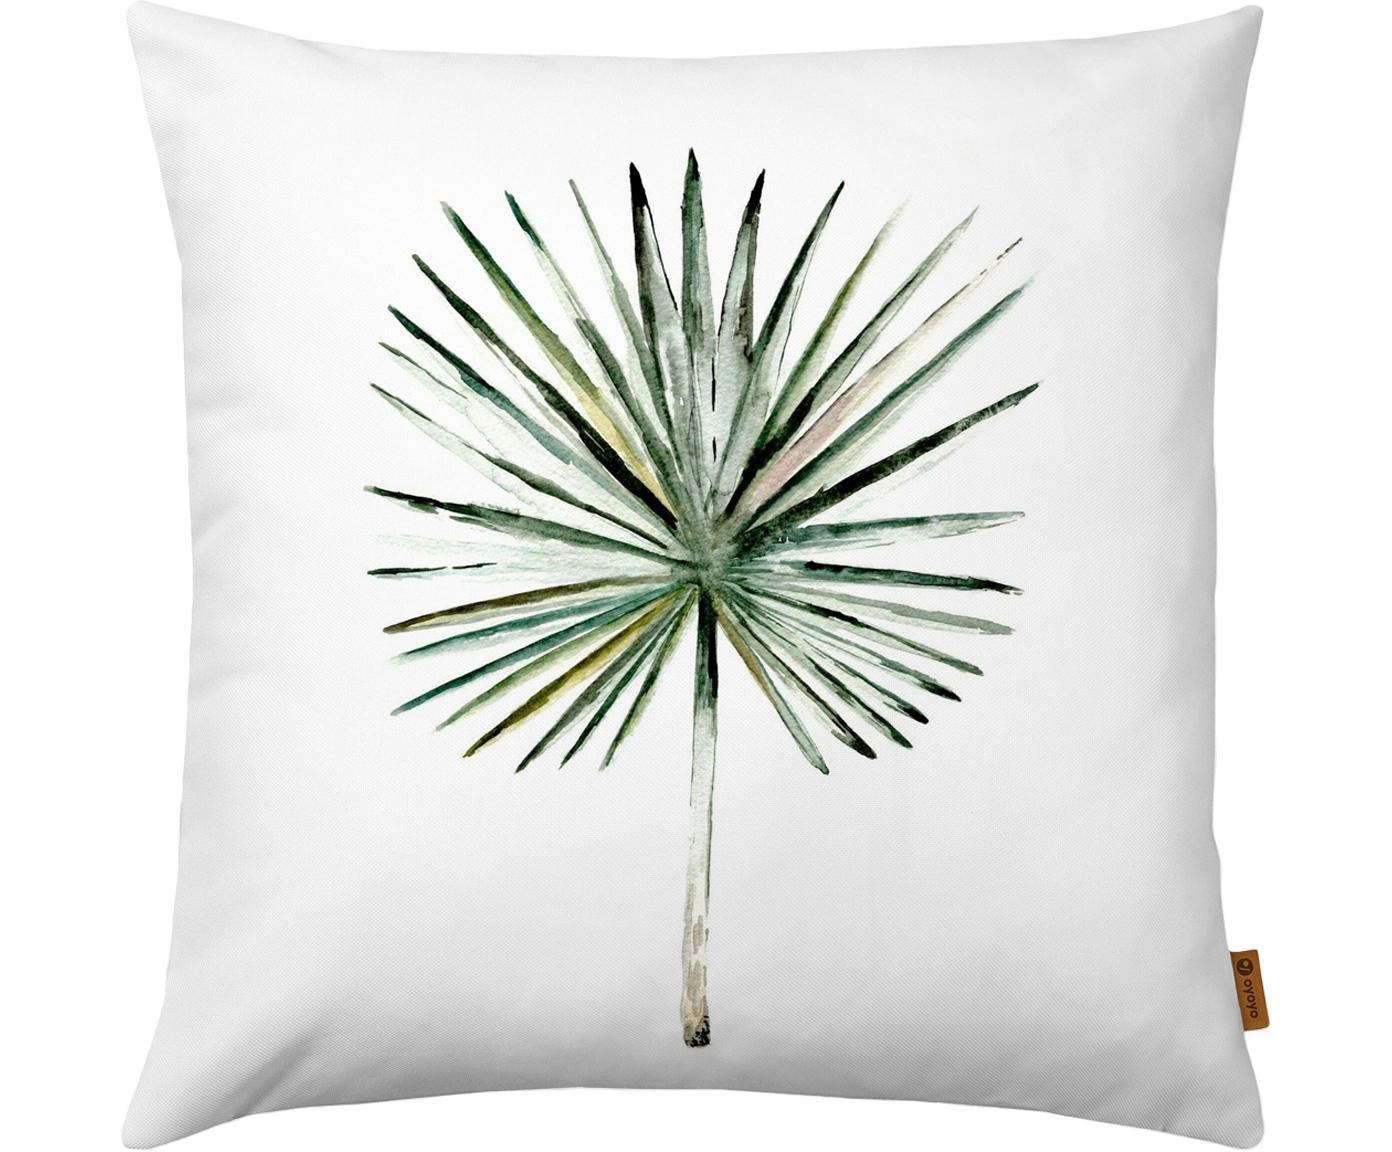 Poszewka na poduszkę Fan Palm, Poliester, Biały, odcienie zielonego, S 40 x D 40 cm